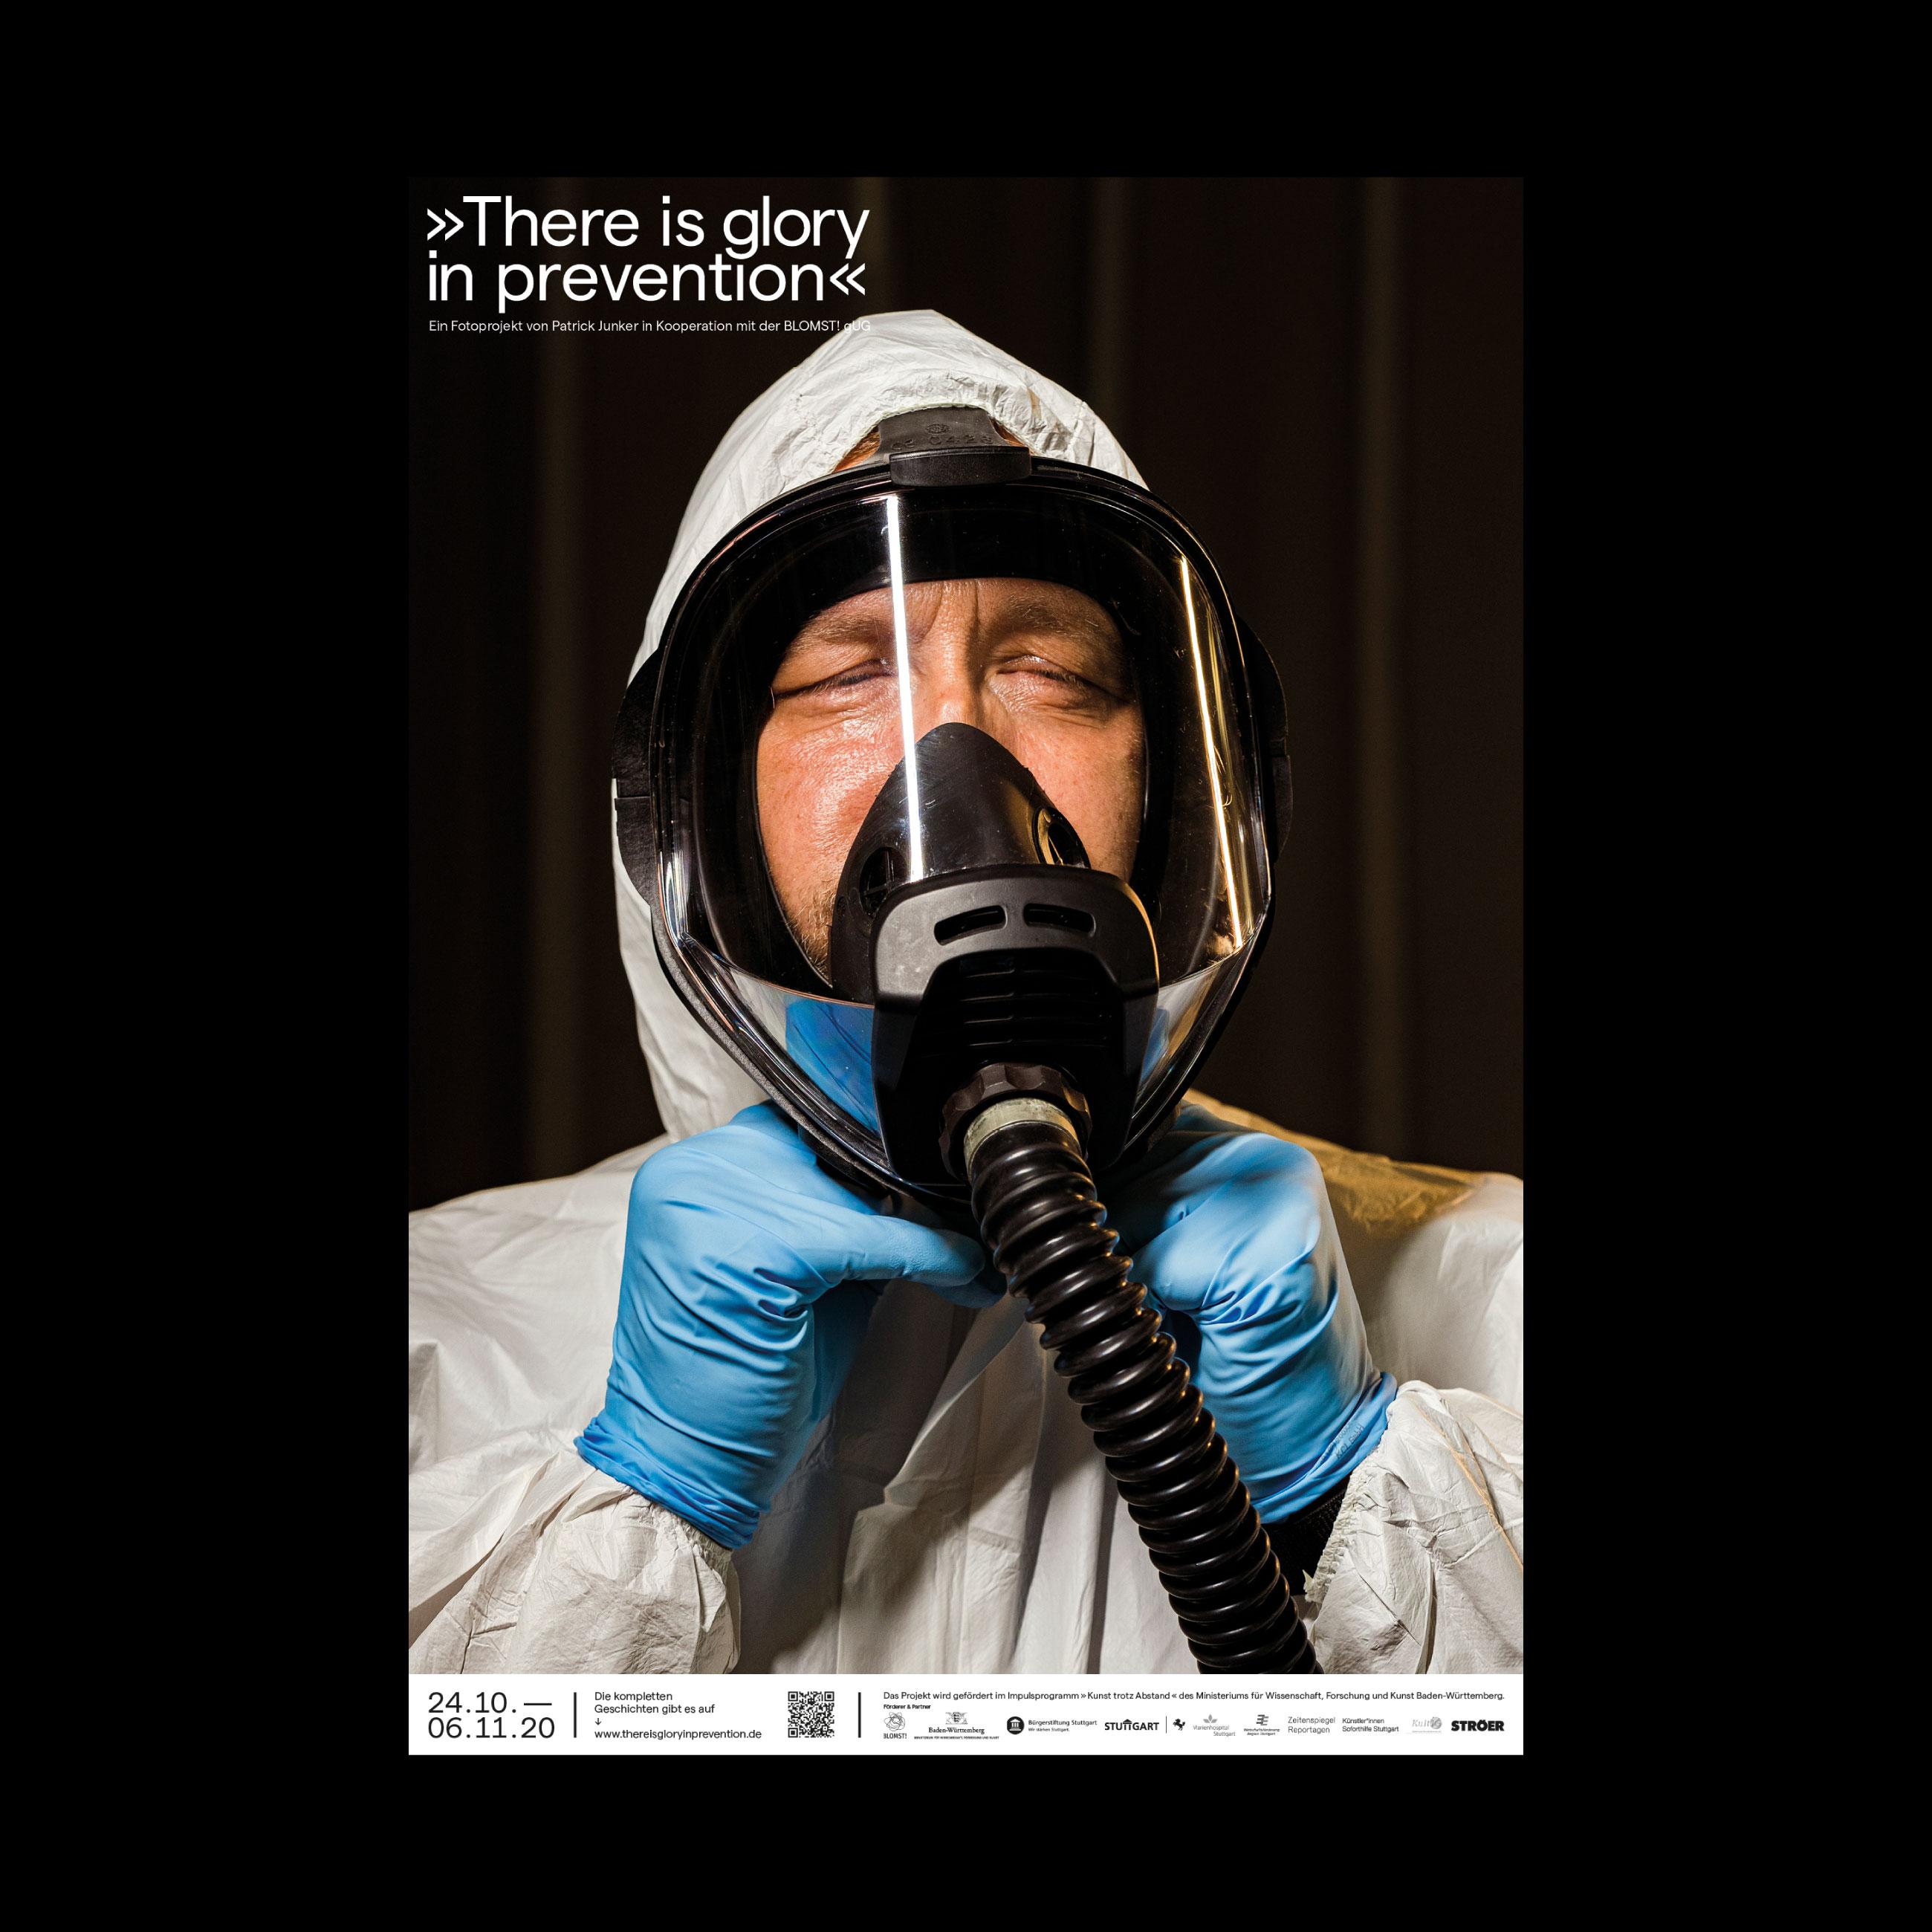 Gesichtsmaske coronapandemie stuttgart Plakatausstellung von Patrick junker 2020